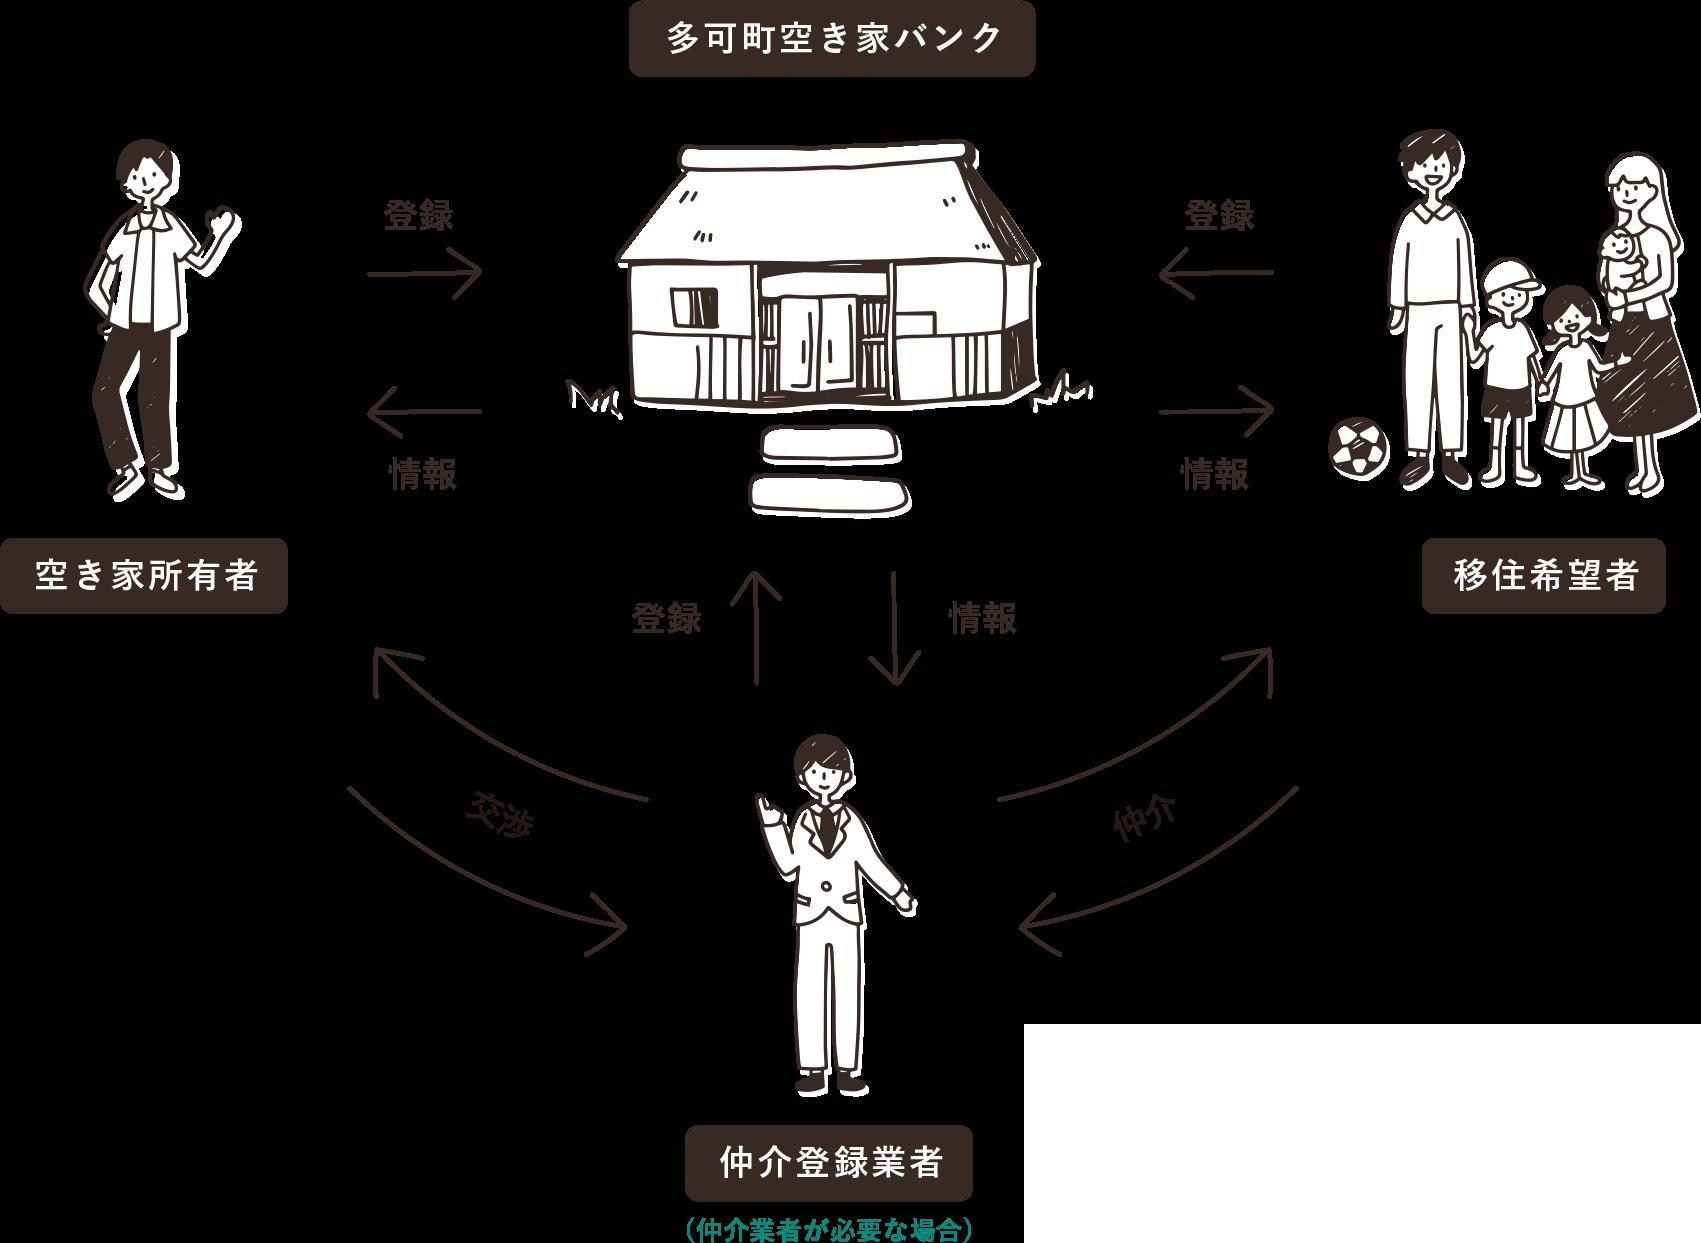 空き家バンクのシステム